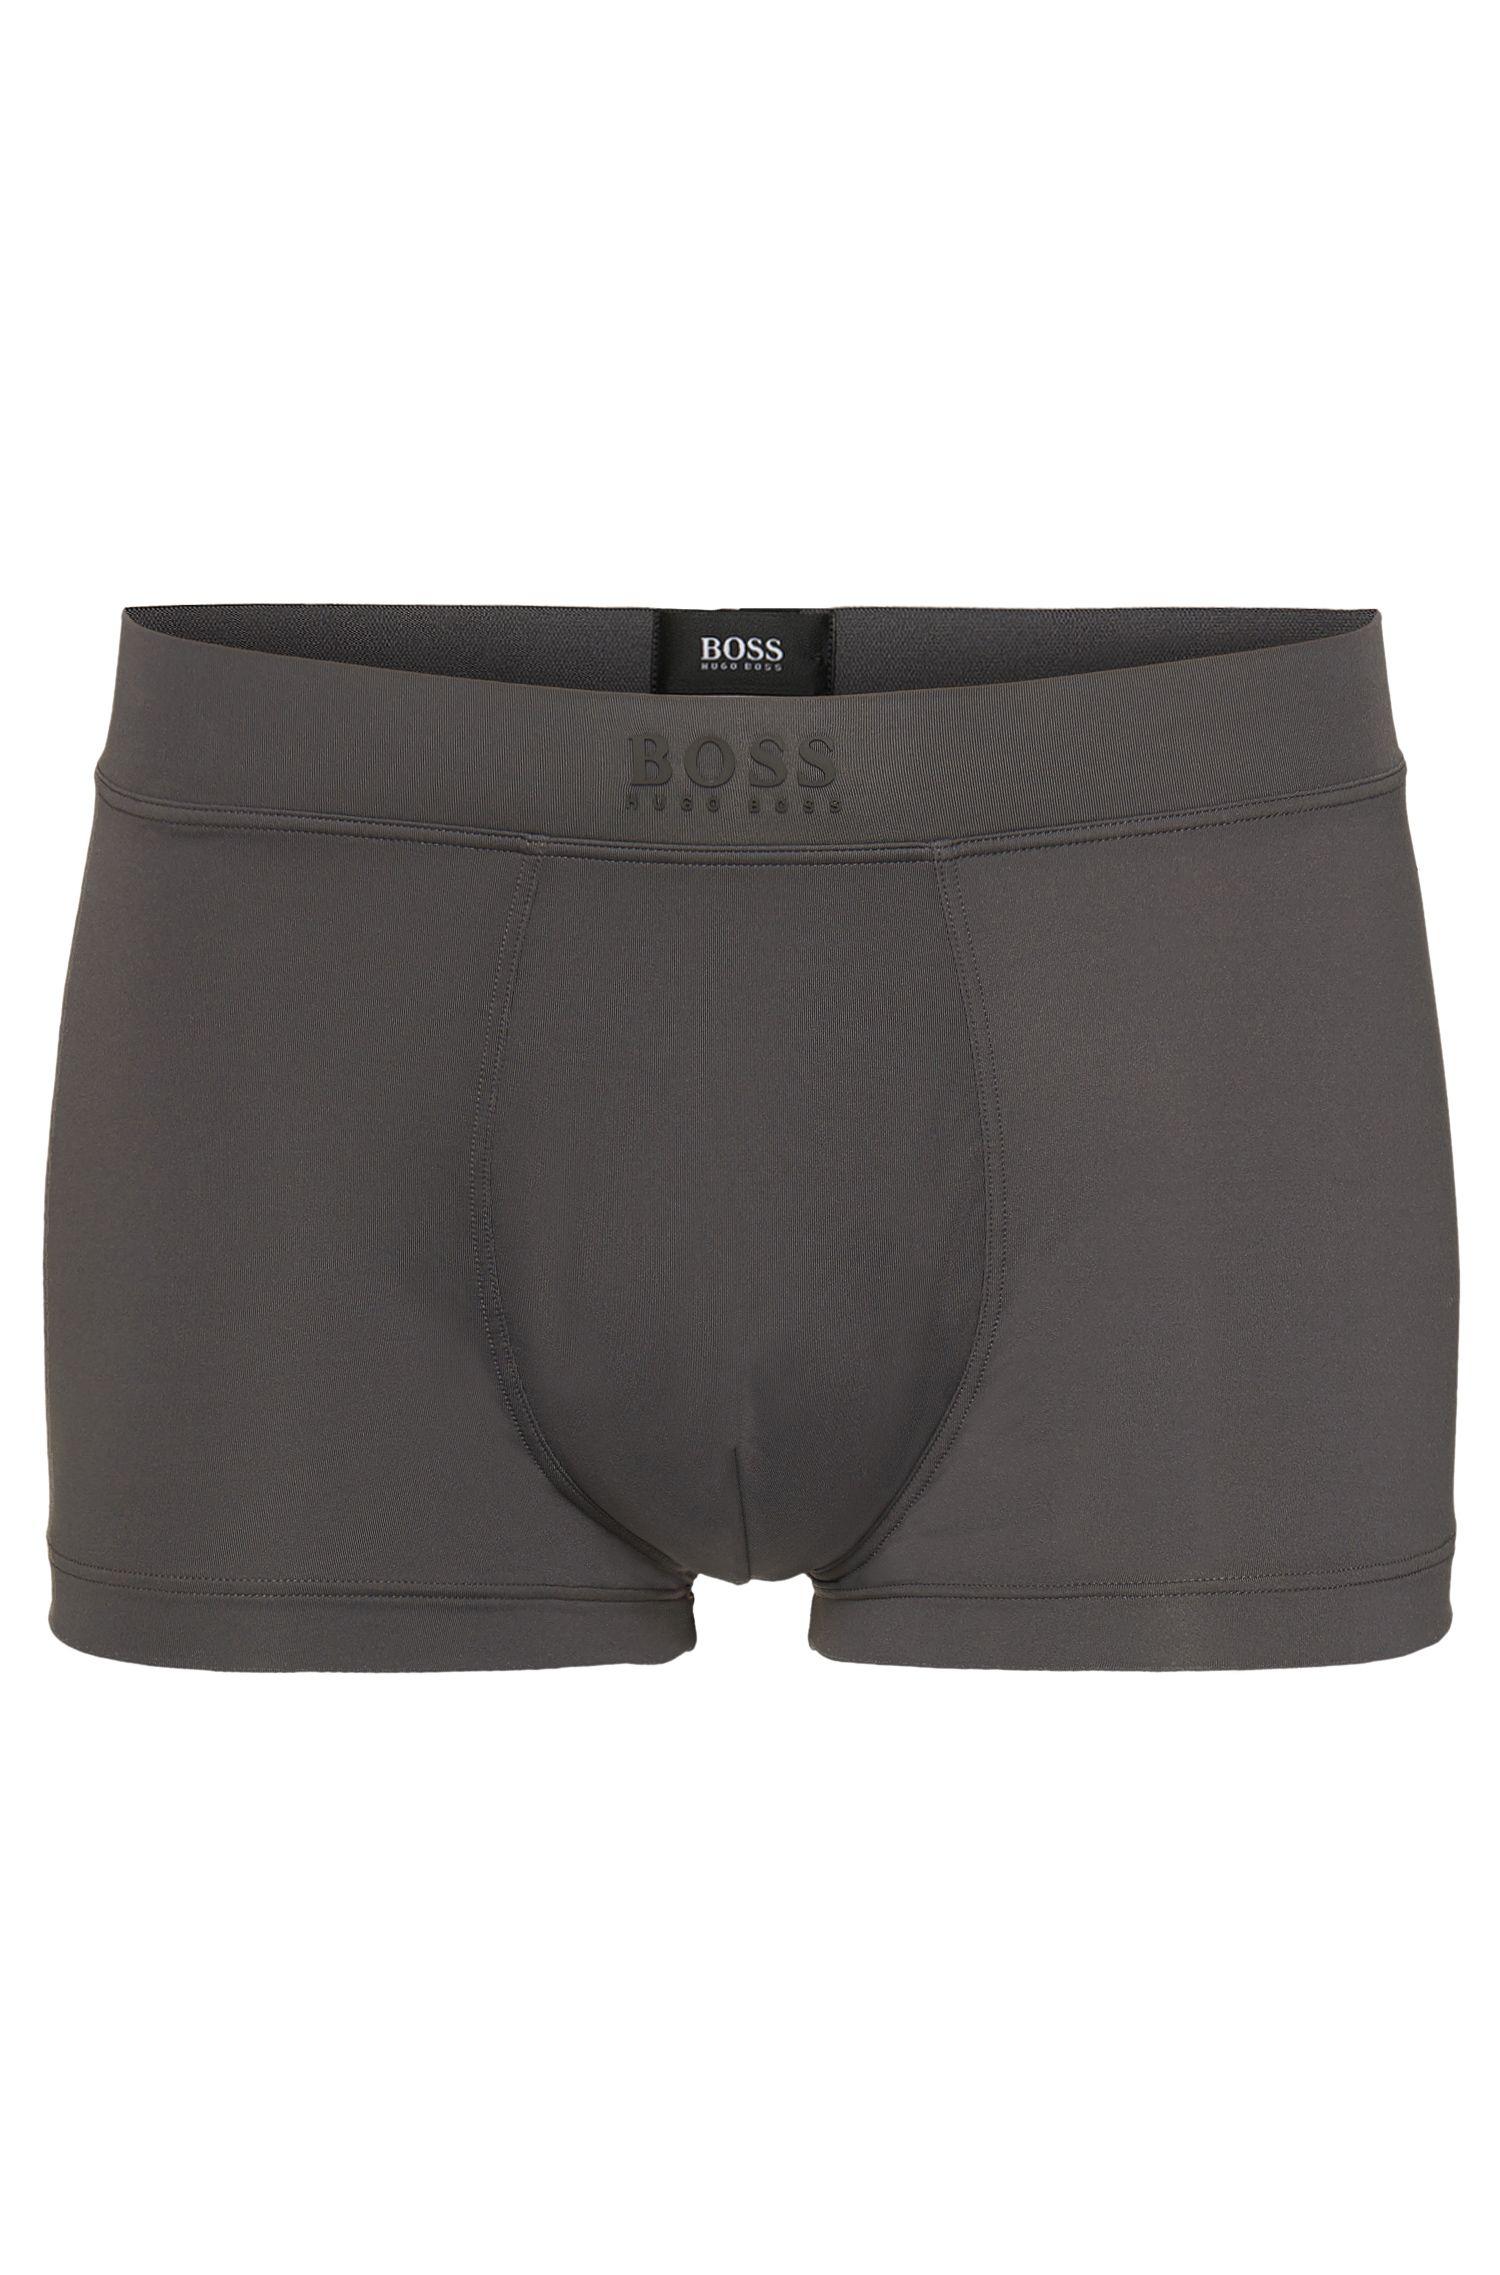 Boxershorts aus Stretch-Gewebe mit normaler Bundhöhe von BOSS Menswear